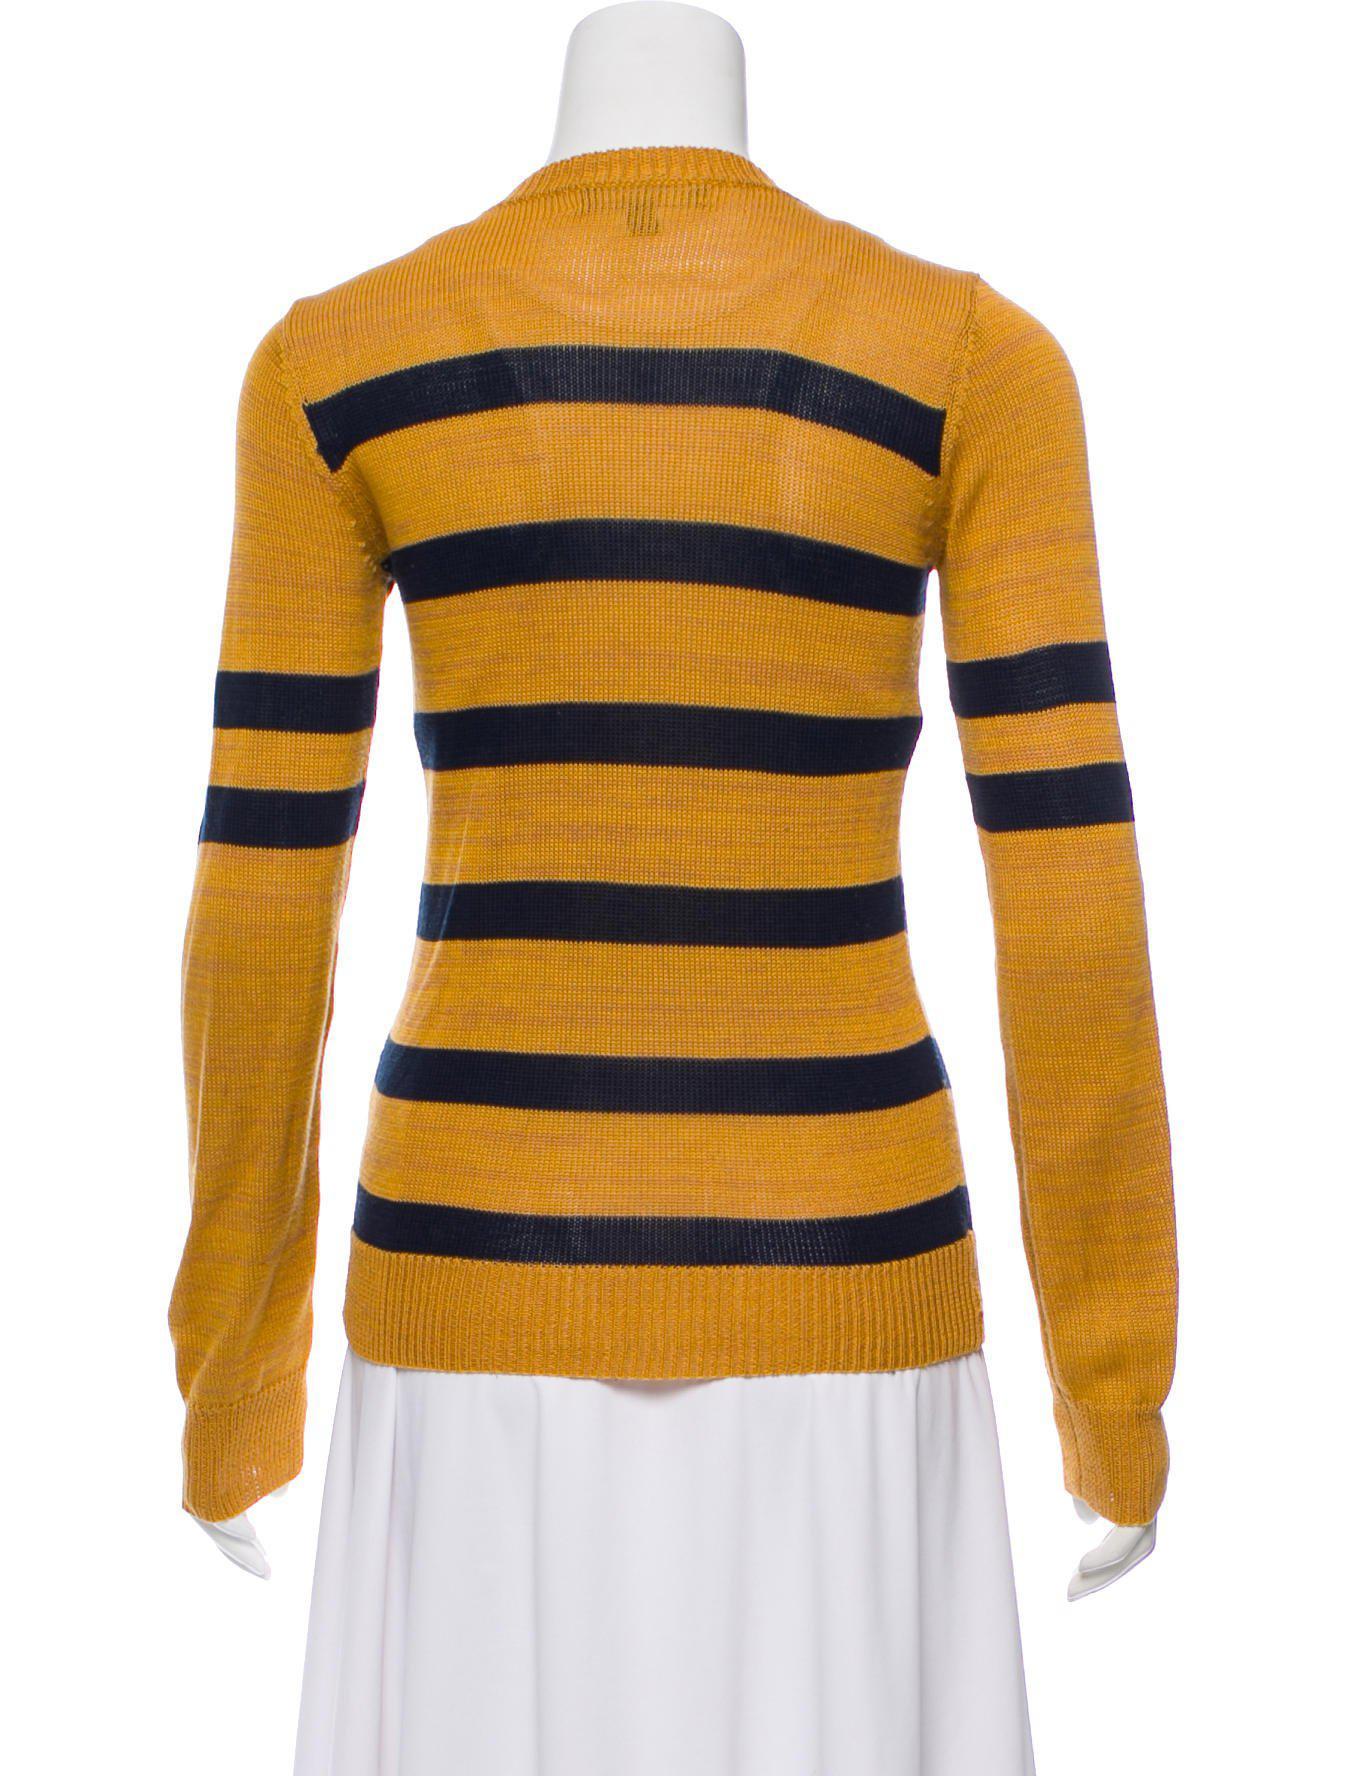 Suno Striped V-Neck Cardigan Cheap Sale Cost G33pAA9OBb